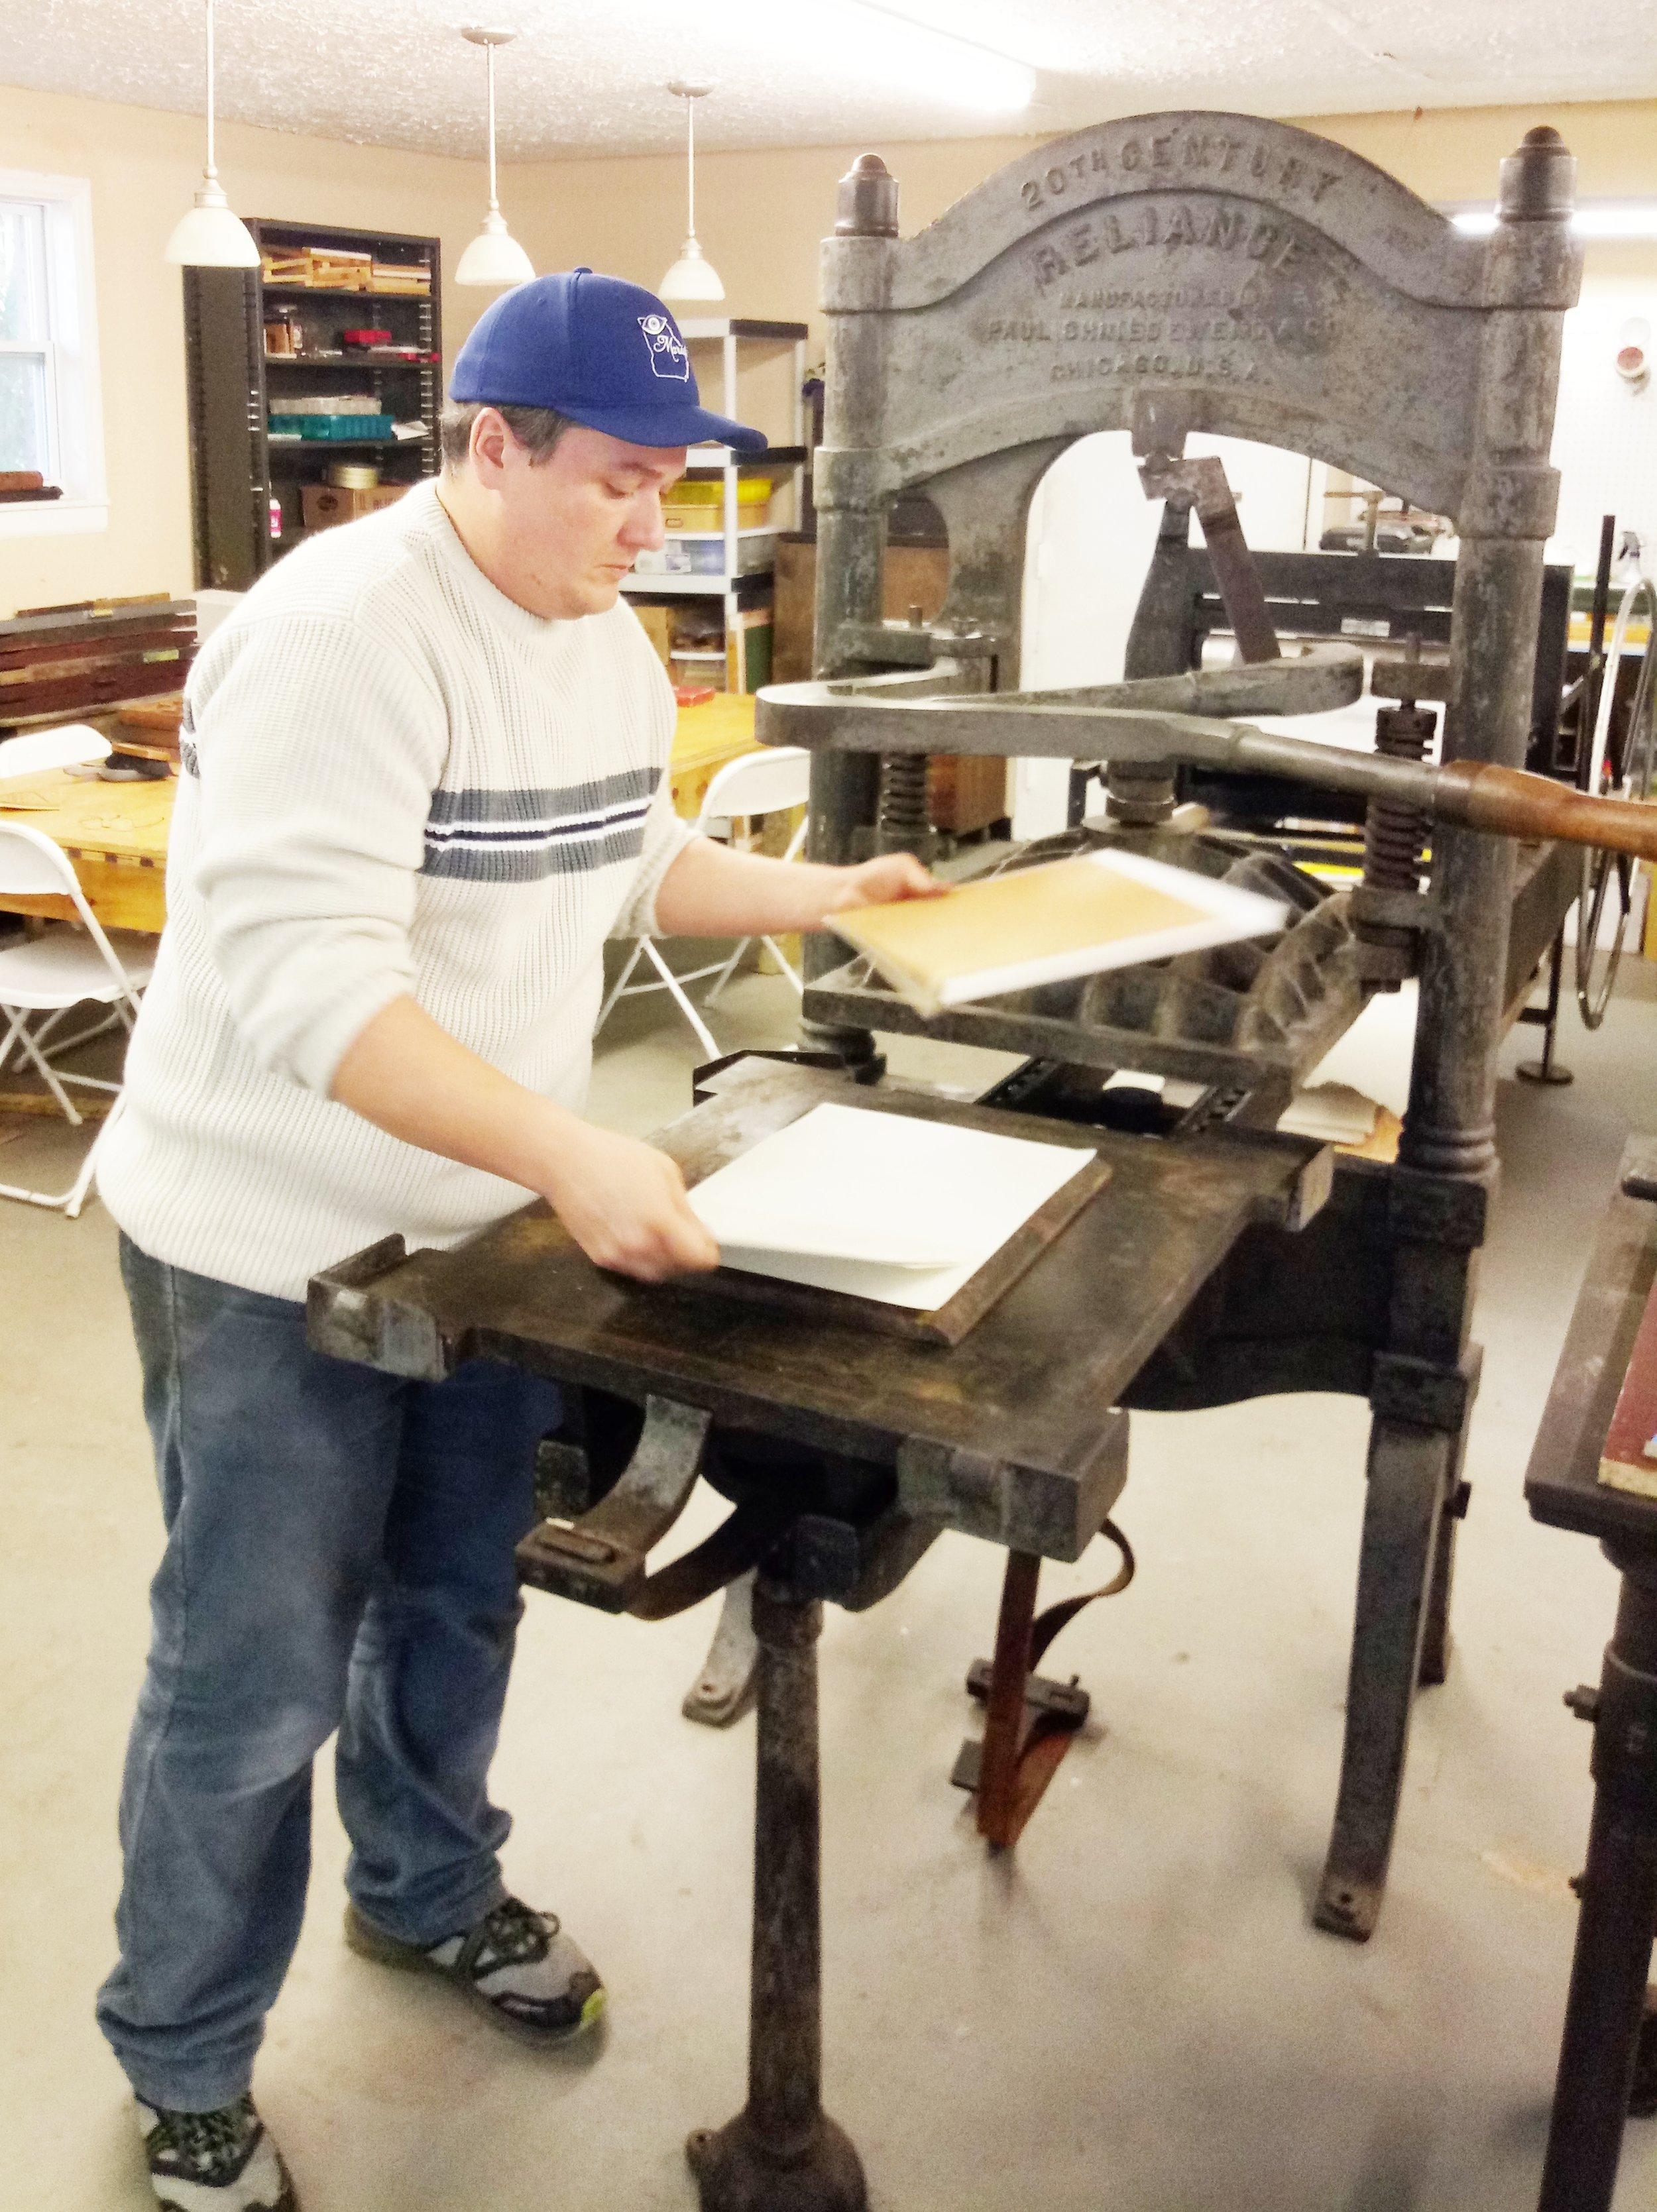 Executive Director and Master Printer, Nuno Nunez checks the print